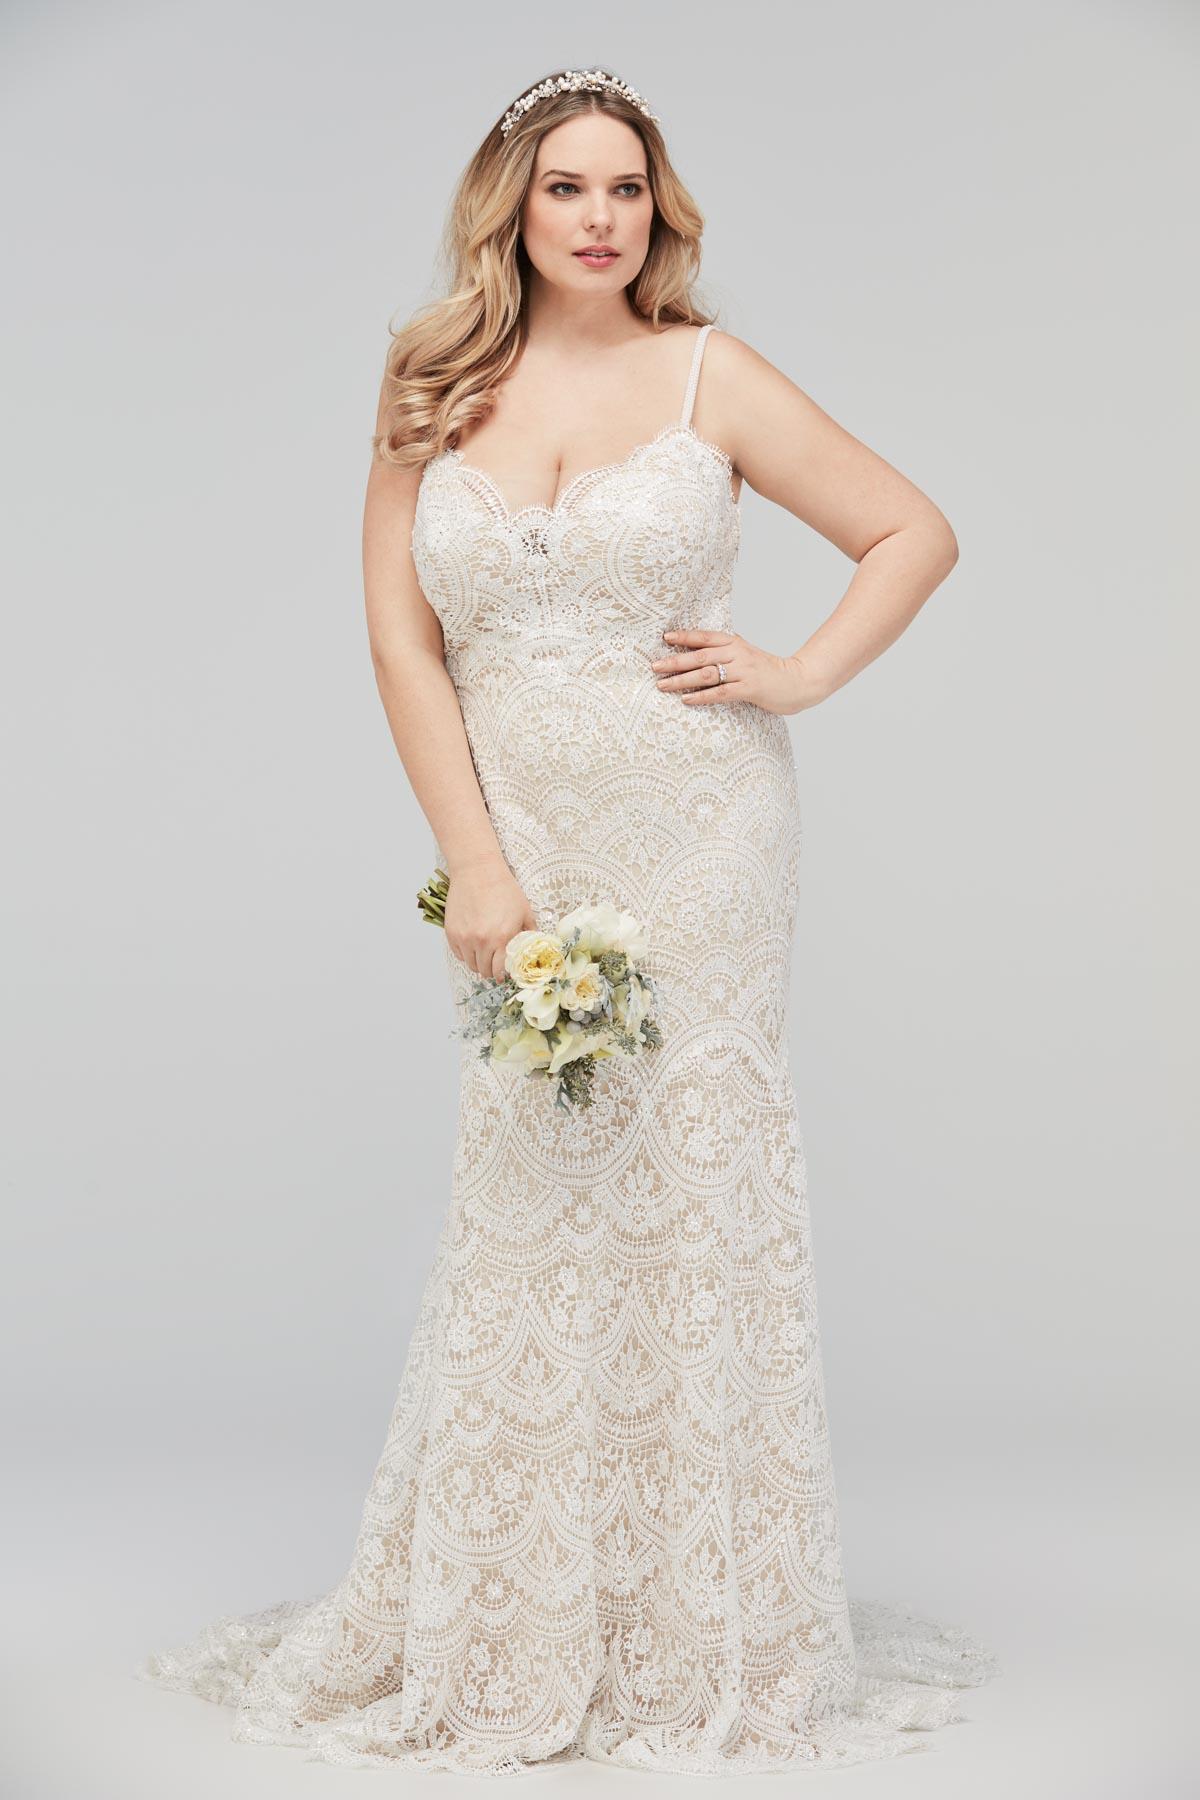 Elise 16153B   Wtoo Brides   Wtoo